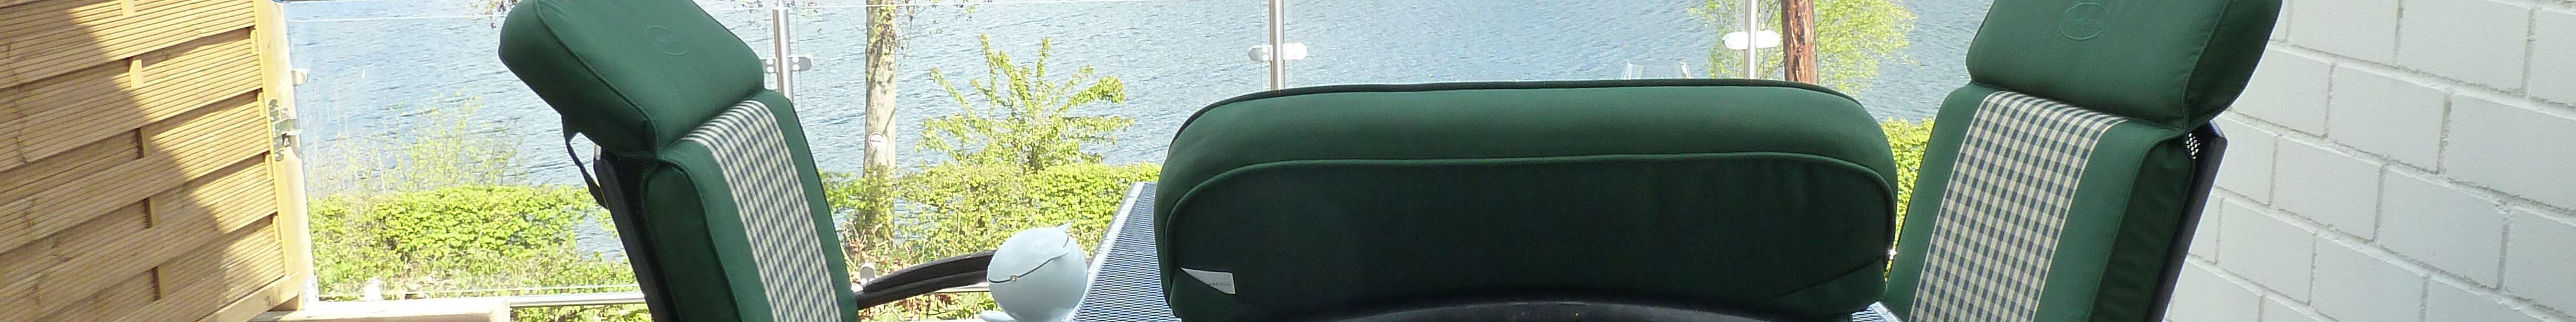 Auf hochwertiger Bestuhlung mit Polstern können Sie direkten Seeblick genießen